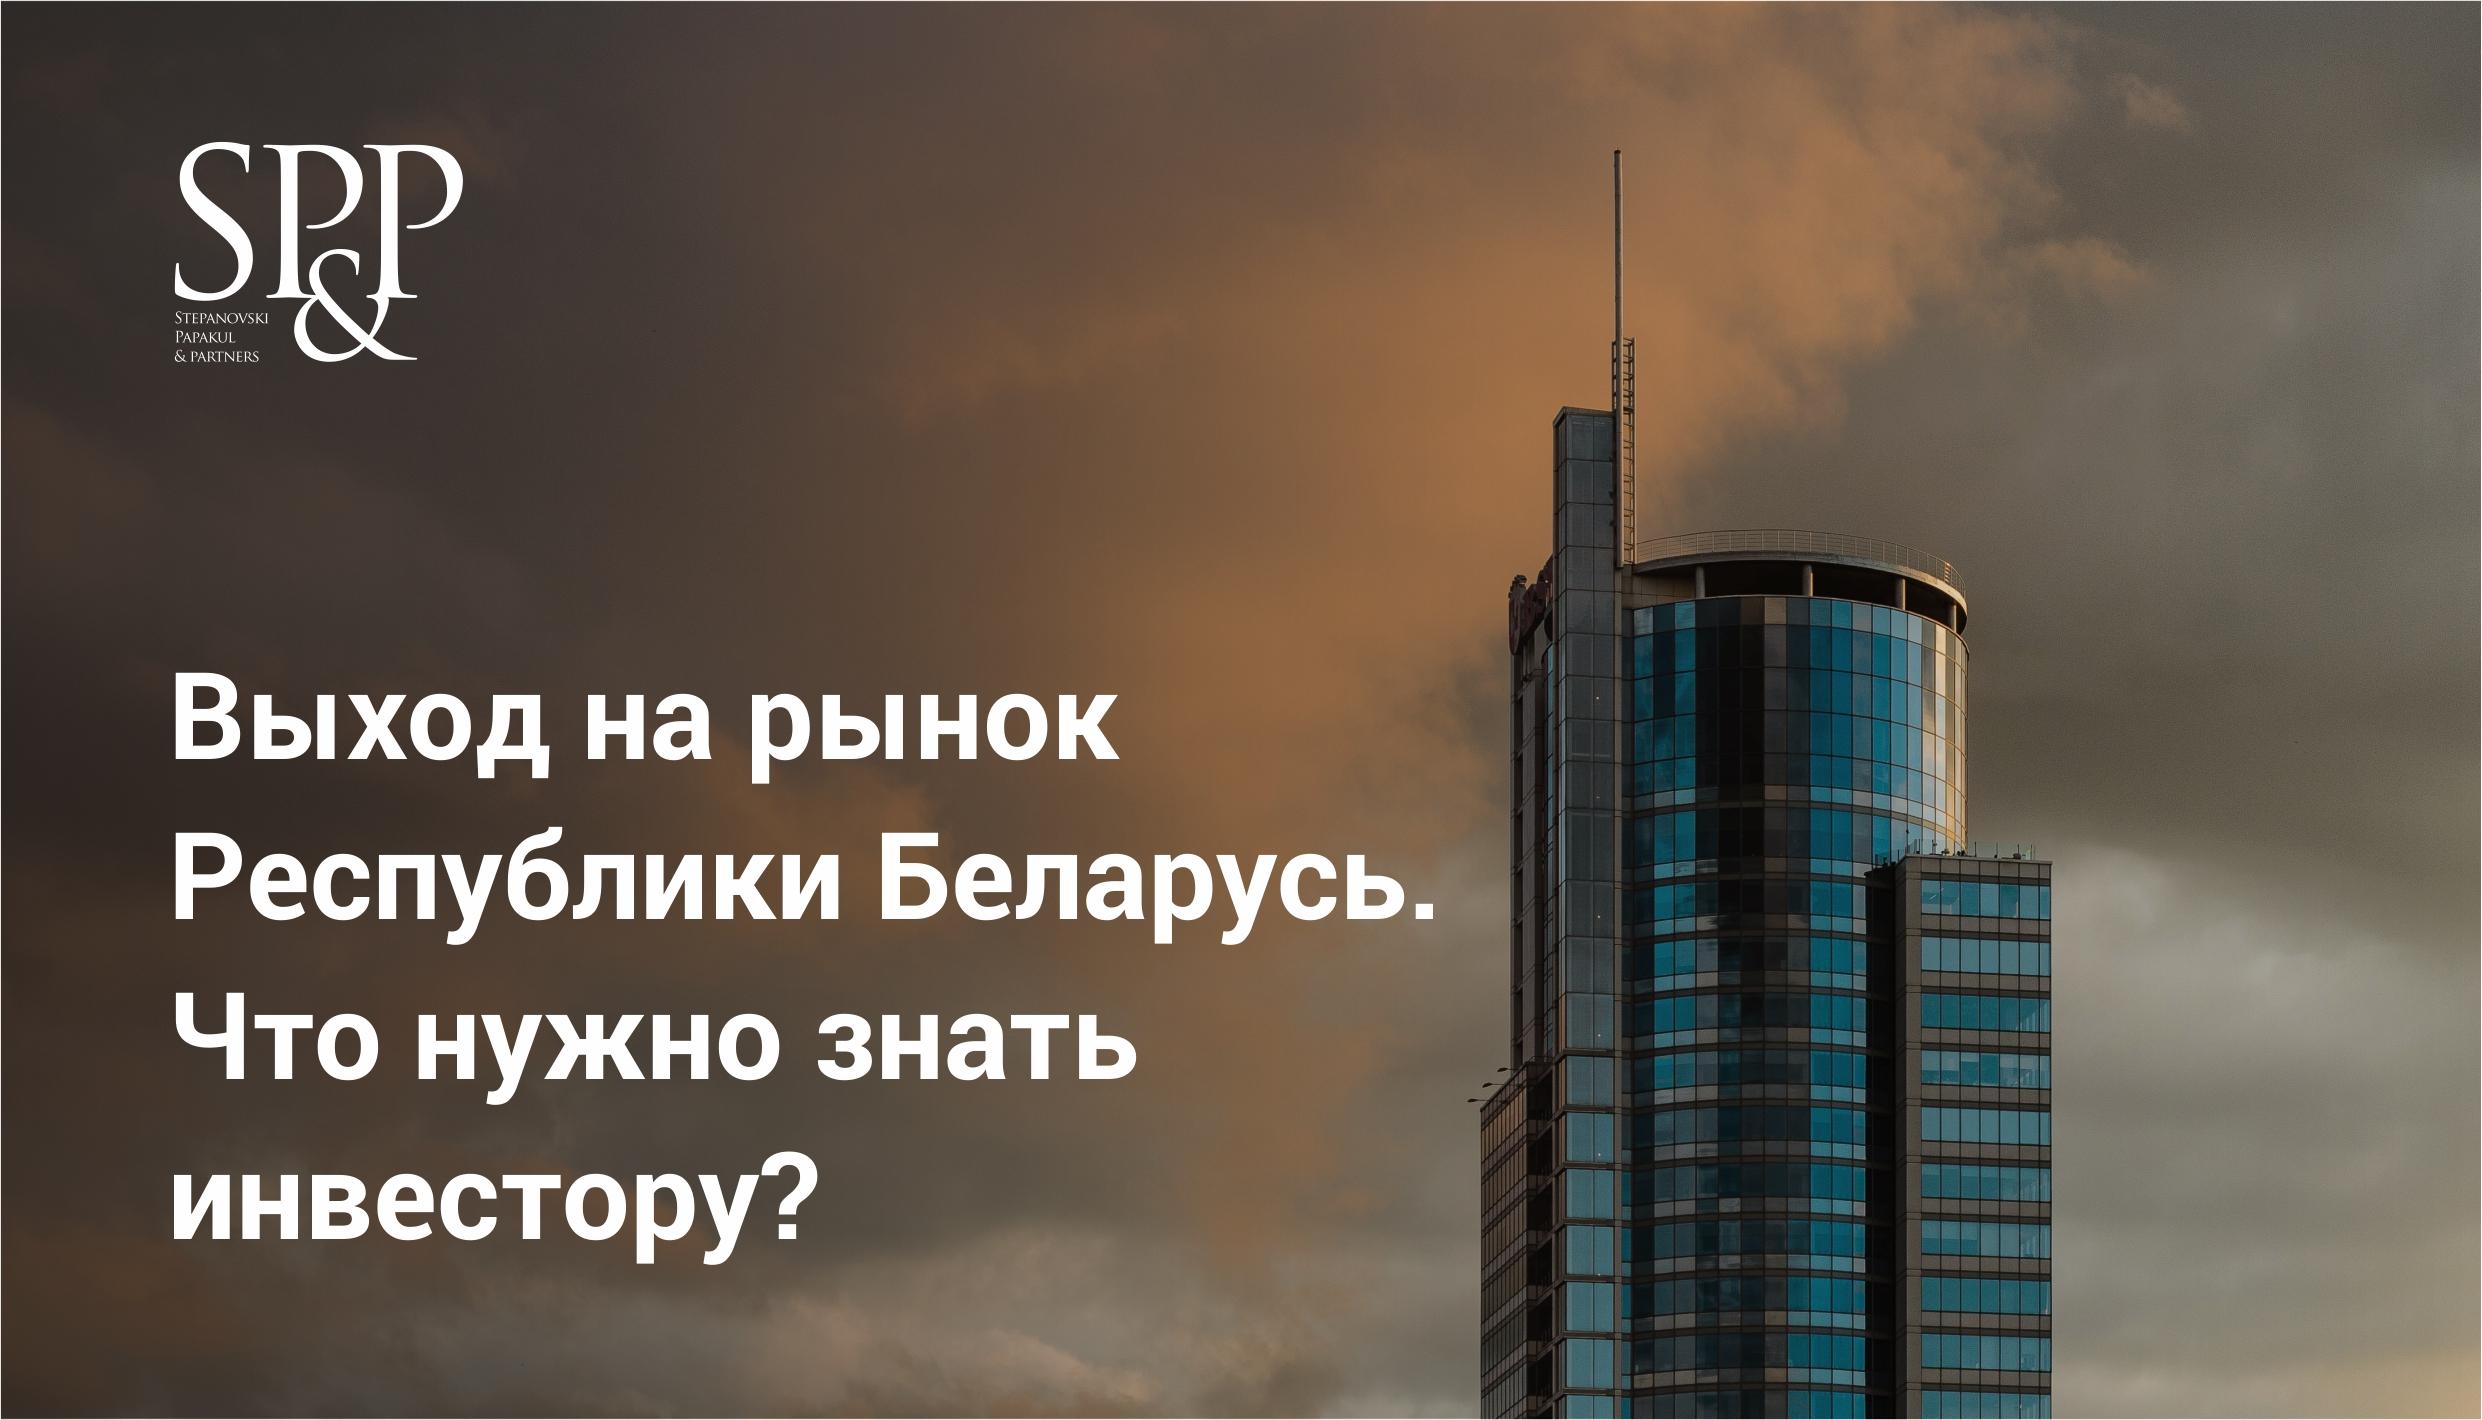 Инвестиции в Беларусь